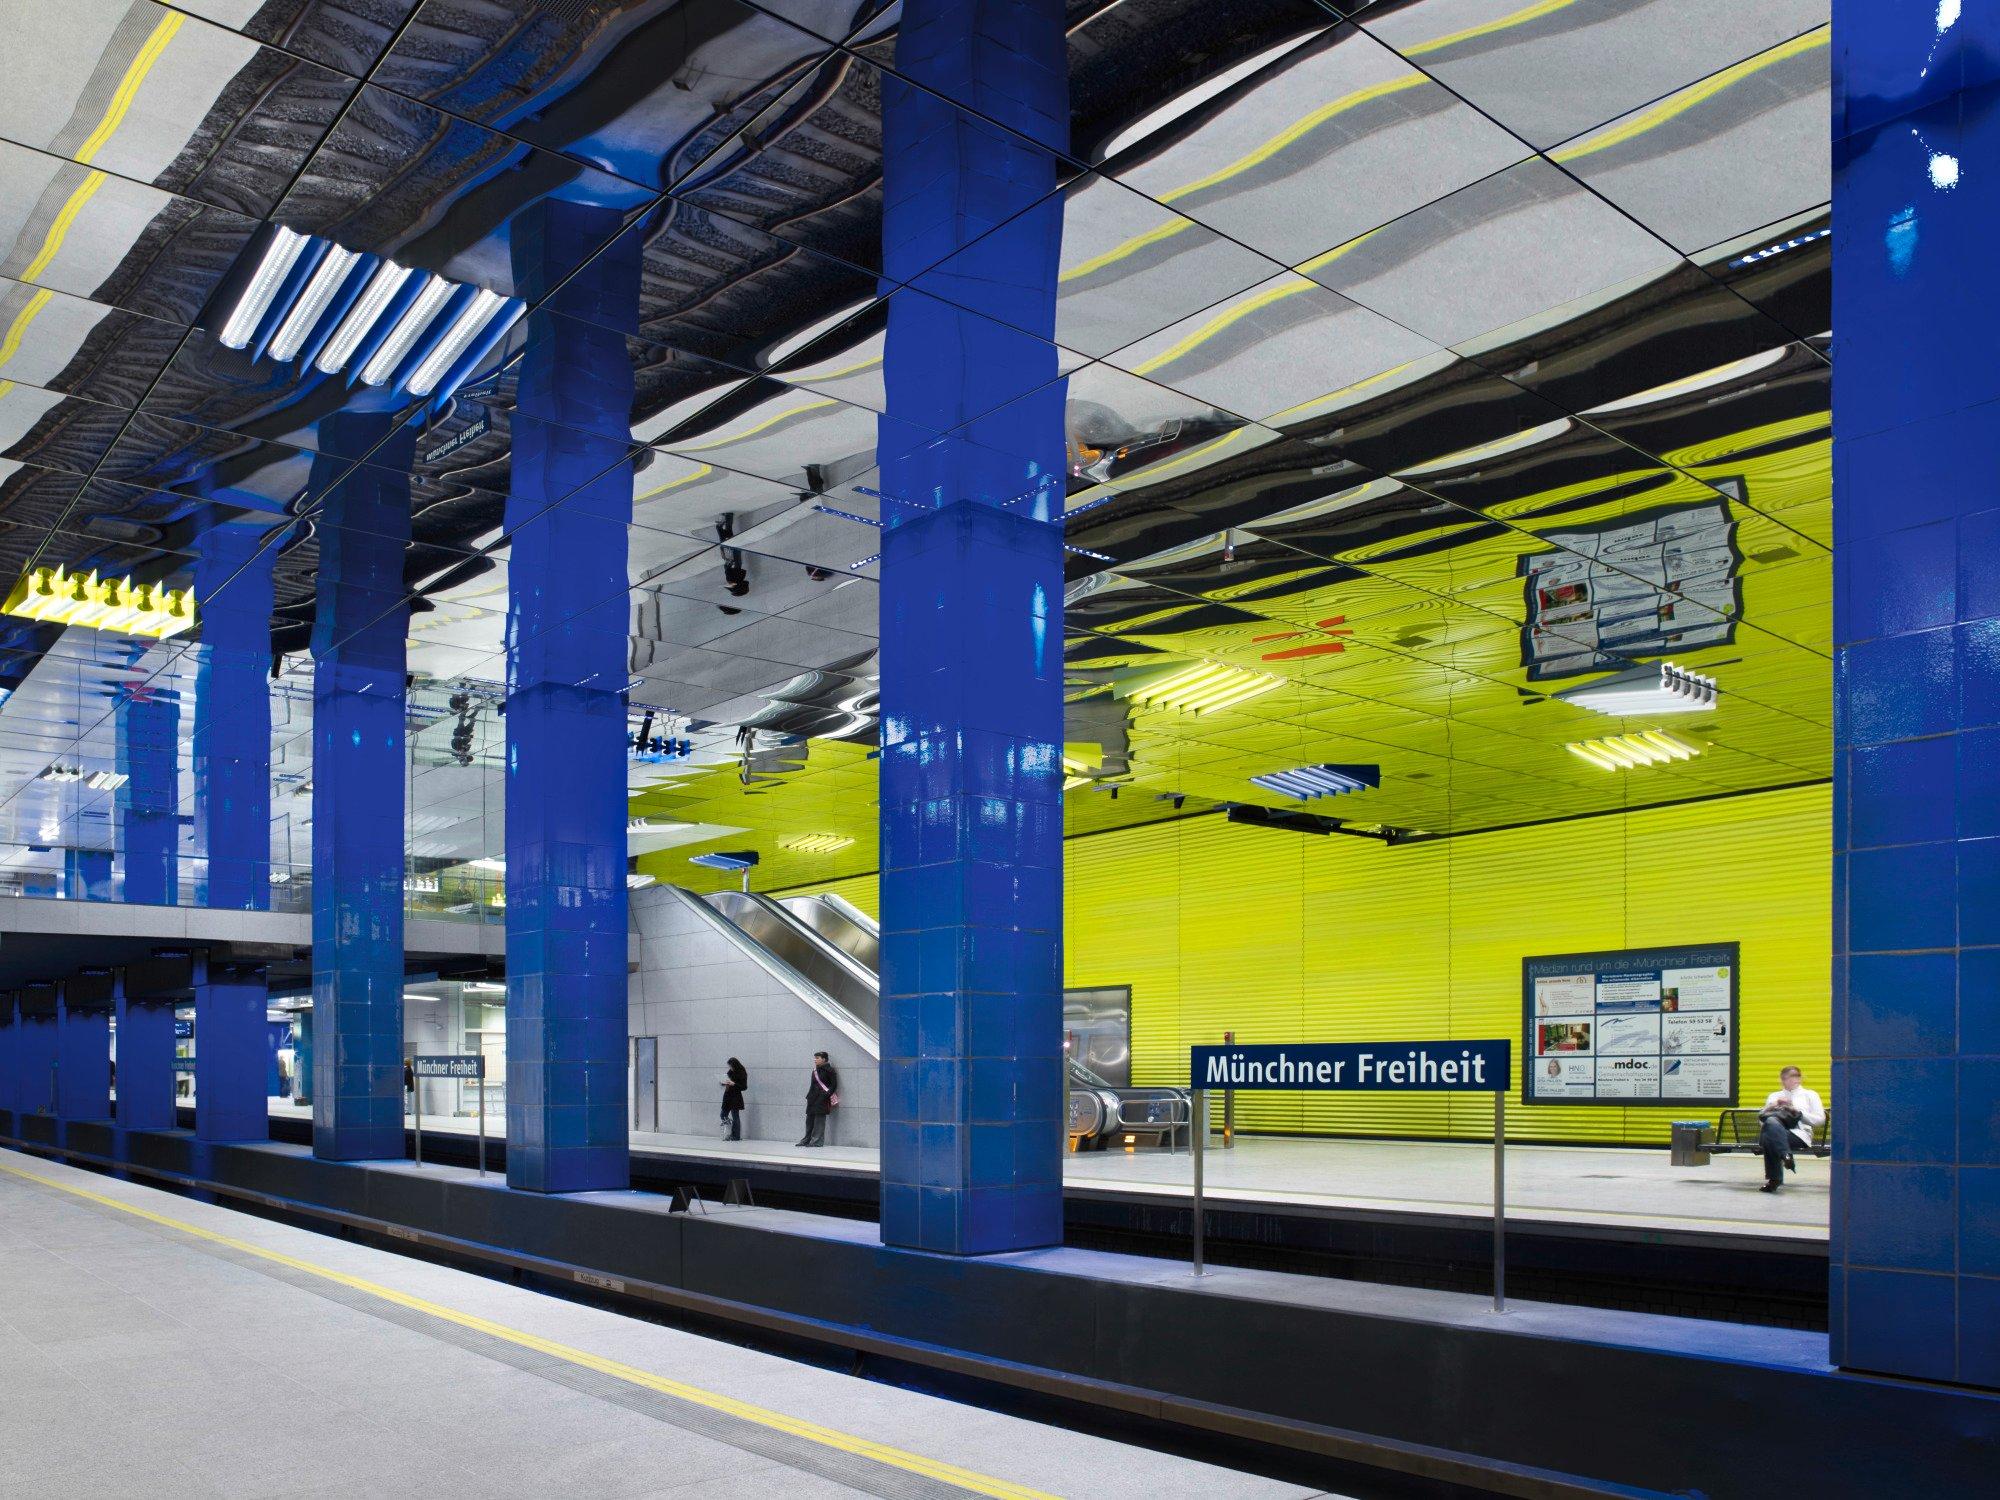 U-Bahnhof Münchner Feiheit, Lichtdesign Ingo Maurer, 2007